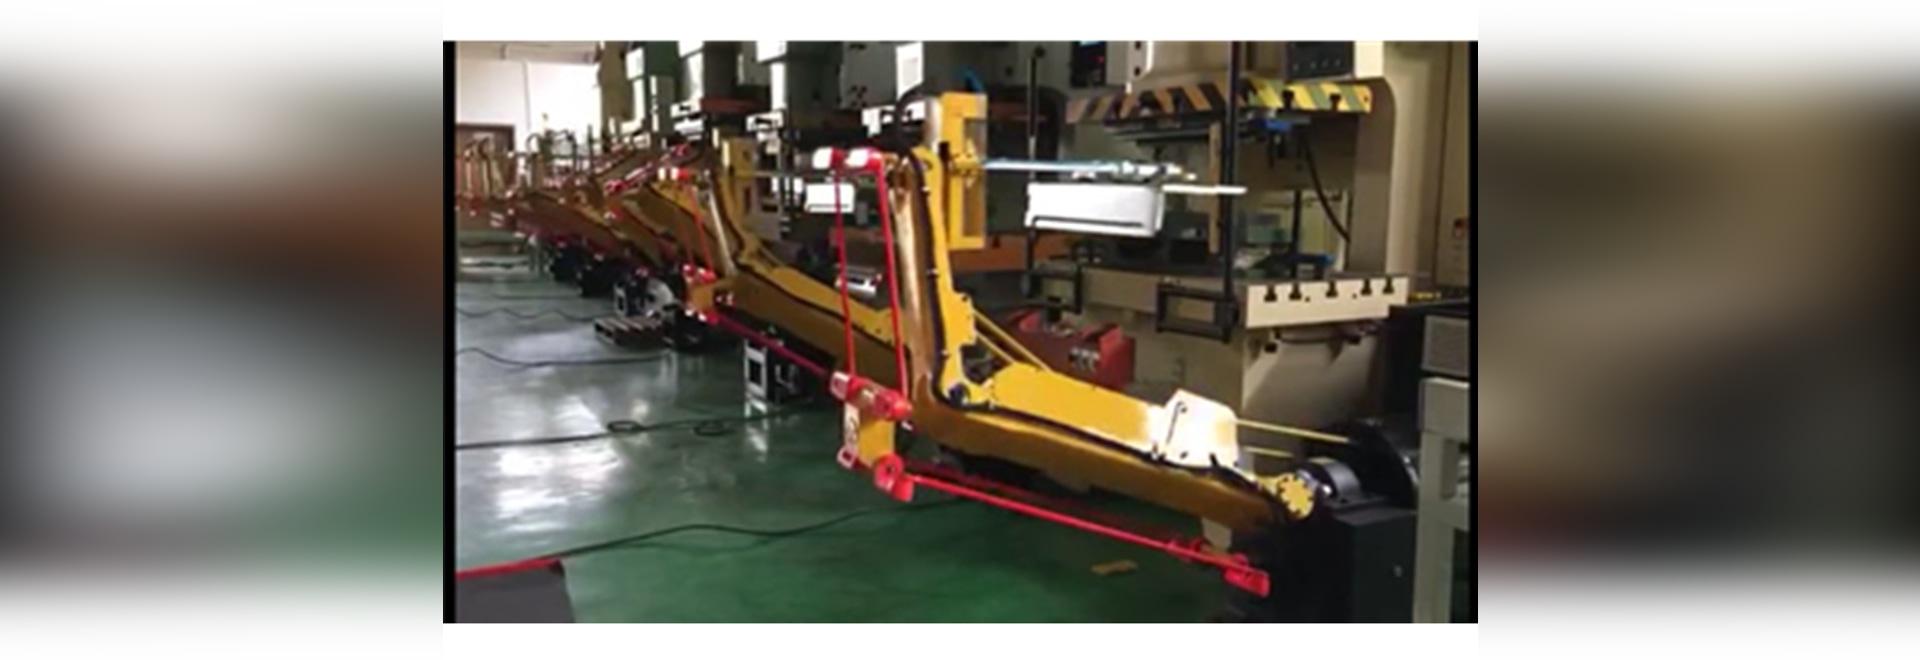 iDEABOX 3 dans le robot d'autobus et la chaîne de production